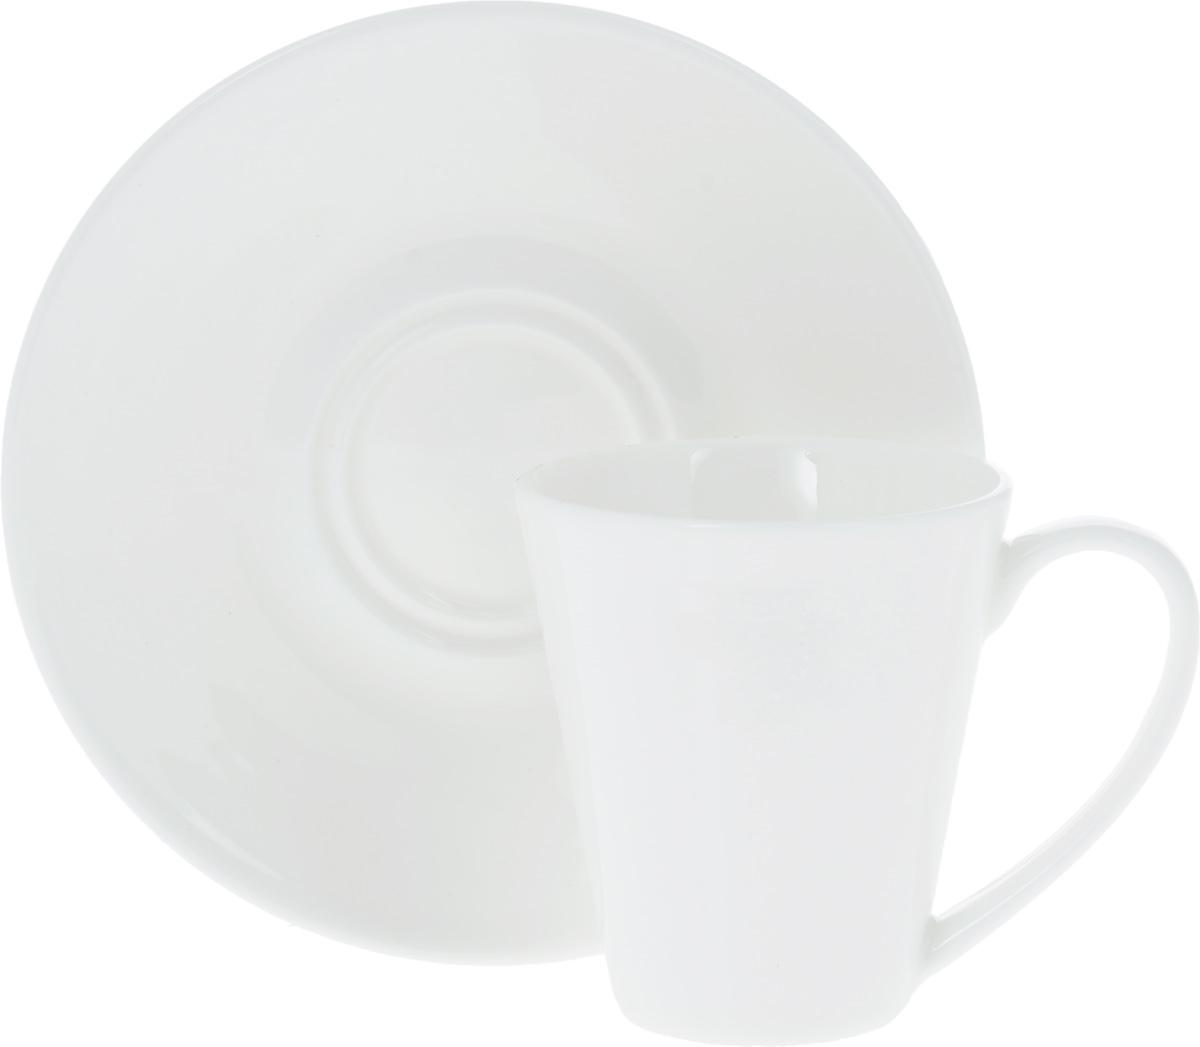 Кофейная пара Wilmax, 2 предмета. WL-993054 / AB кофейная пара era